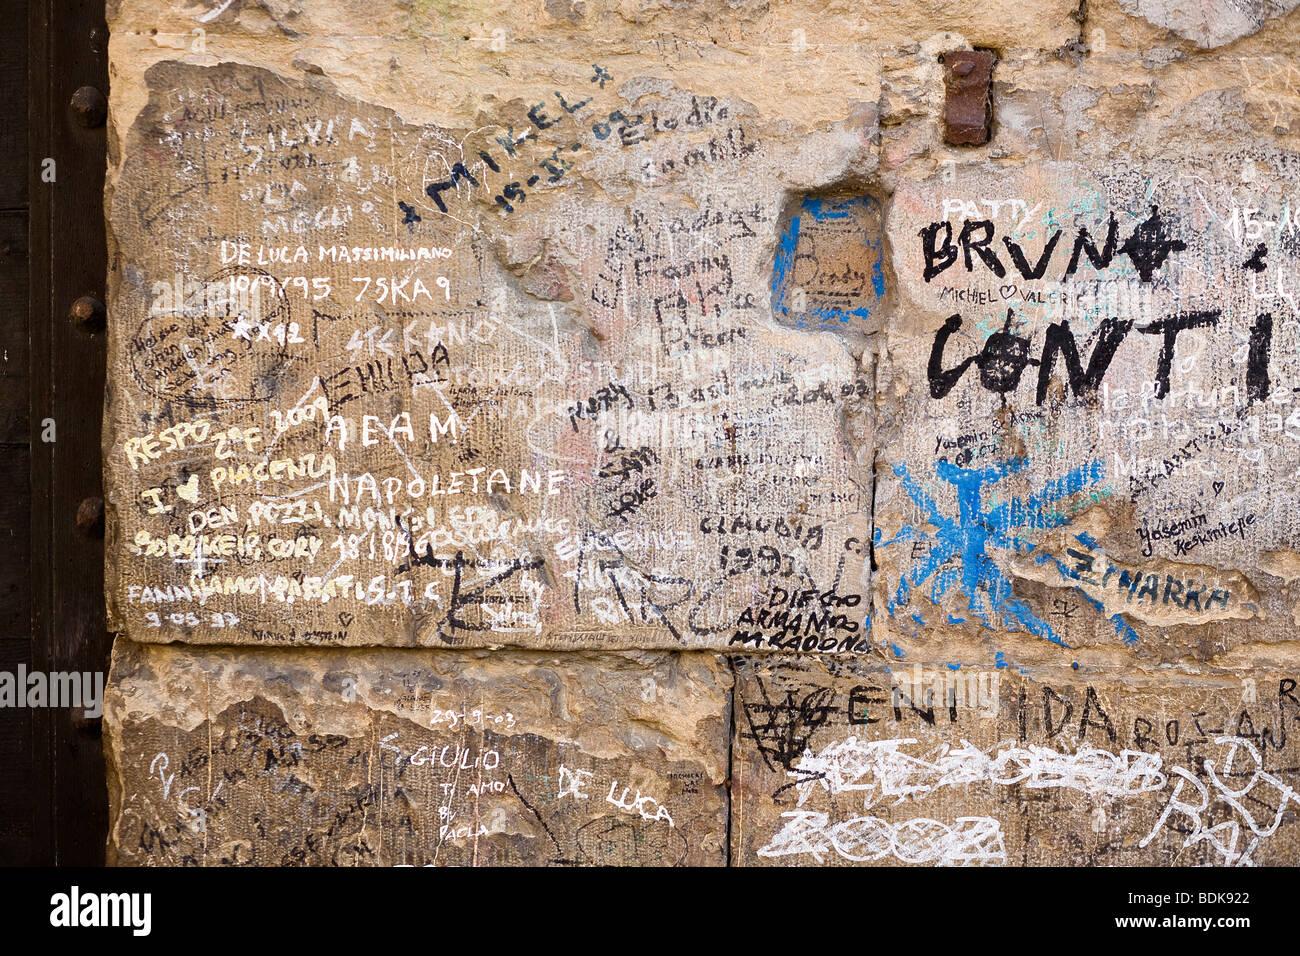 Graffiti su un muro, Ponte Vecchio, Firenze, Italia Immagini Stock